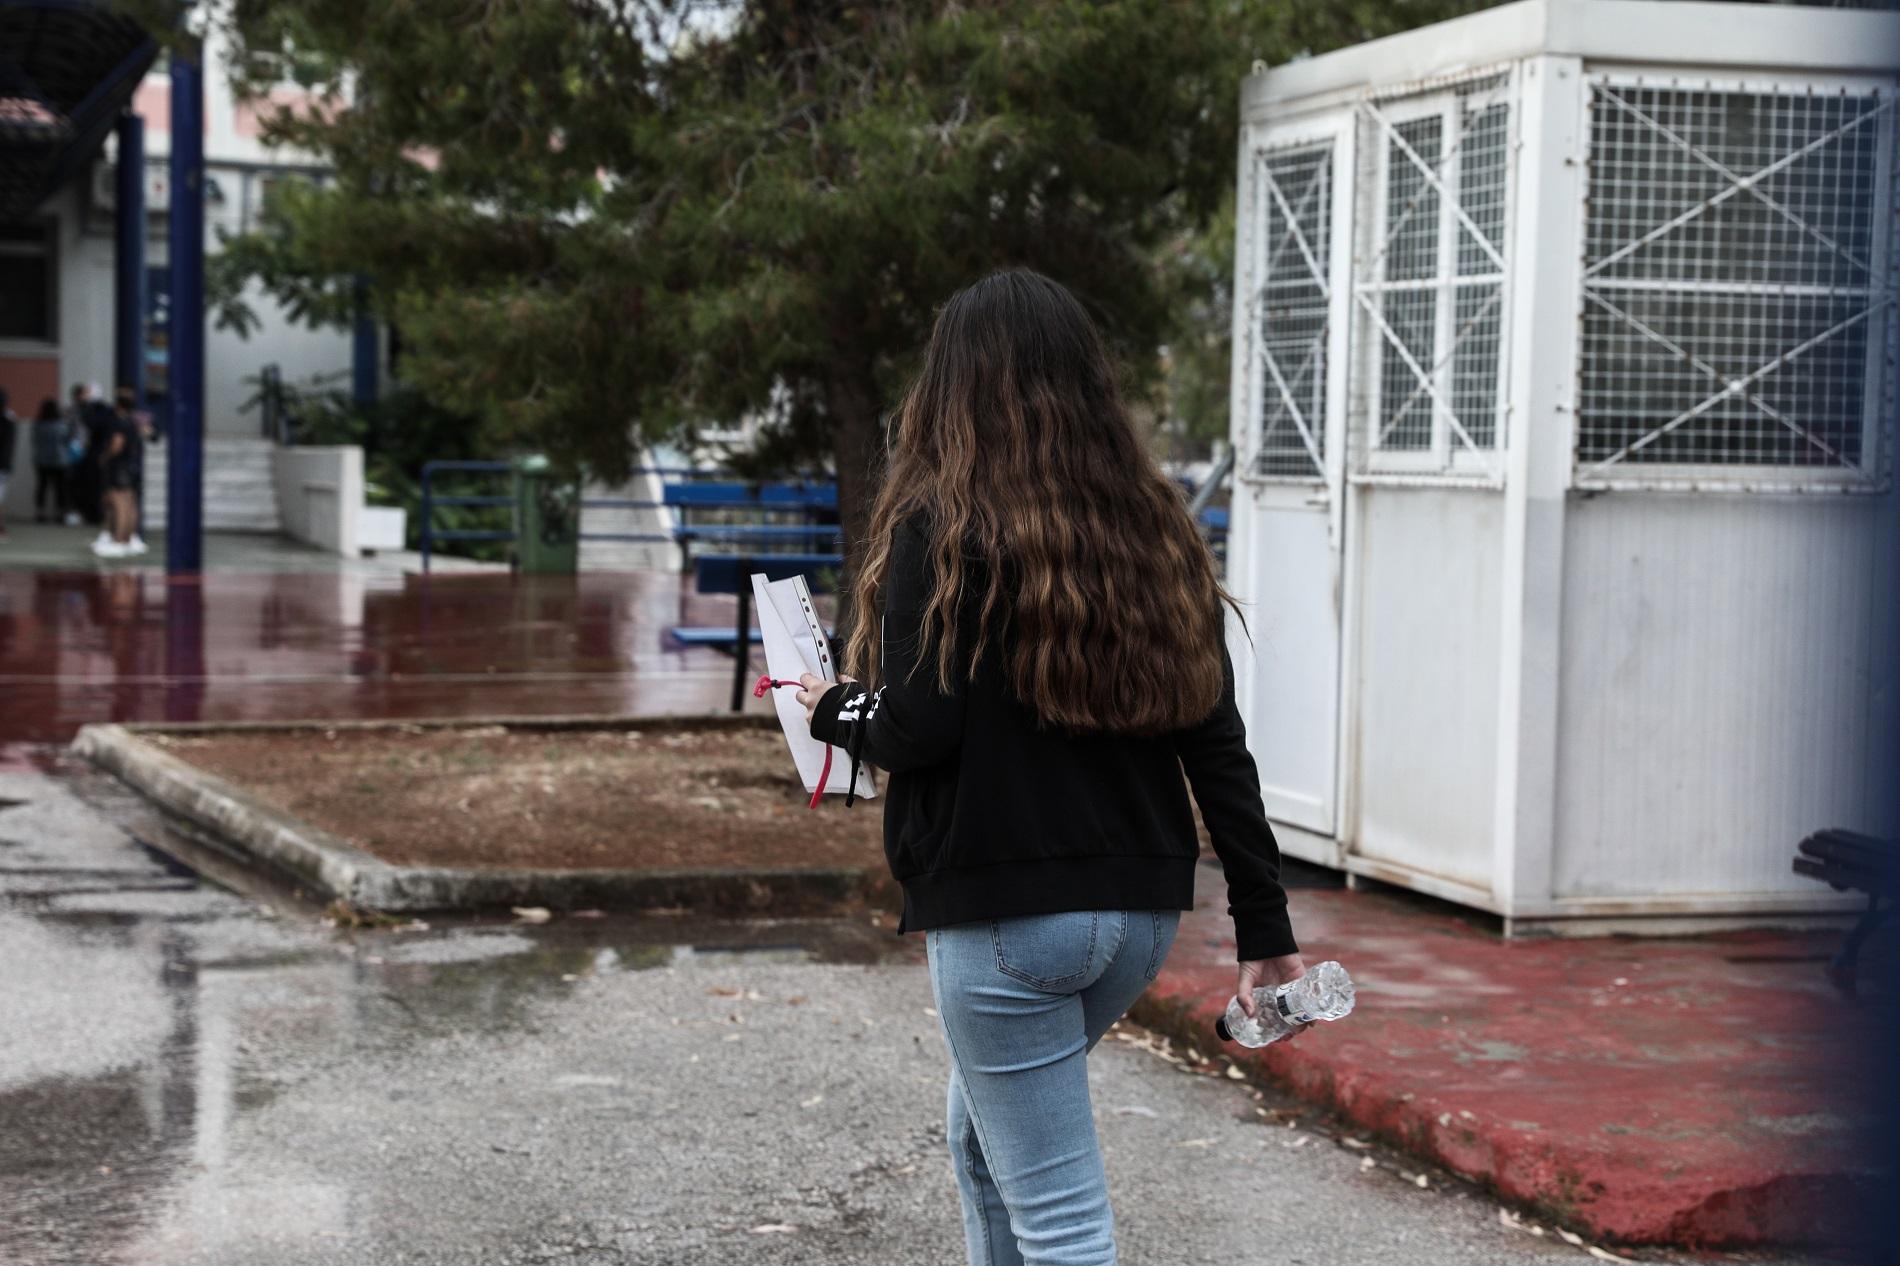 Γραβάνης: Προφύλαξη για μήνες – Εμβολιαστείτε άμεσα